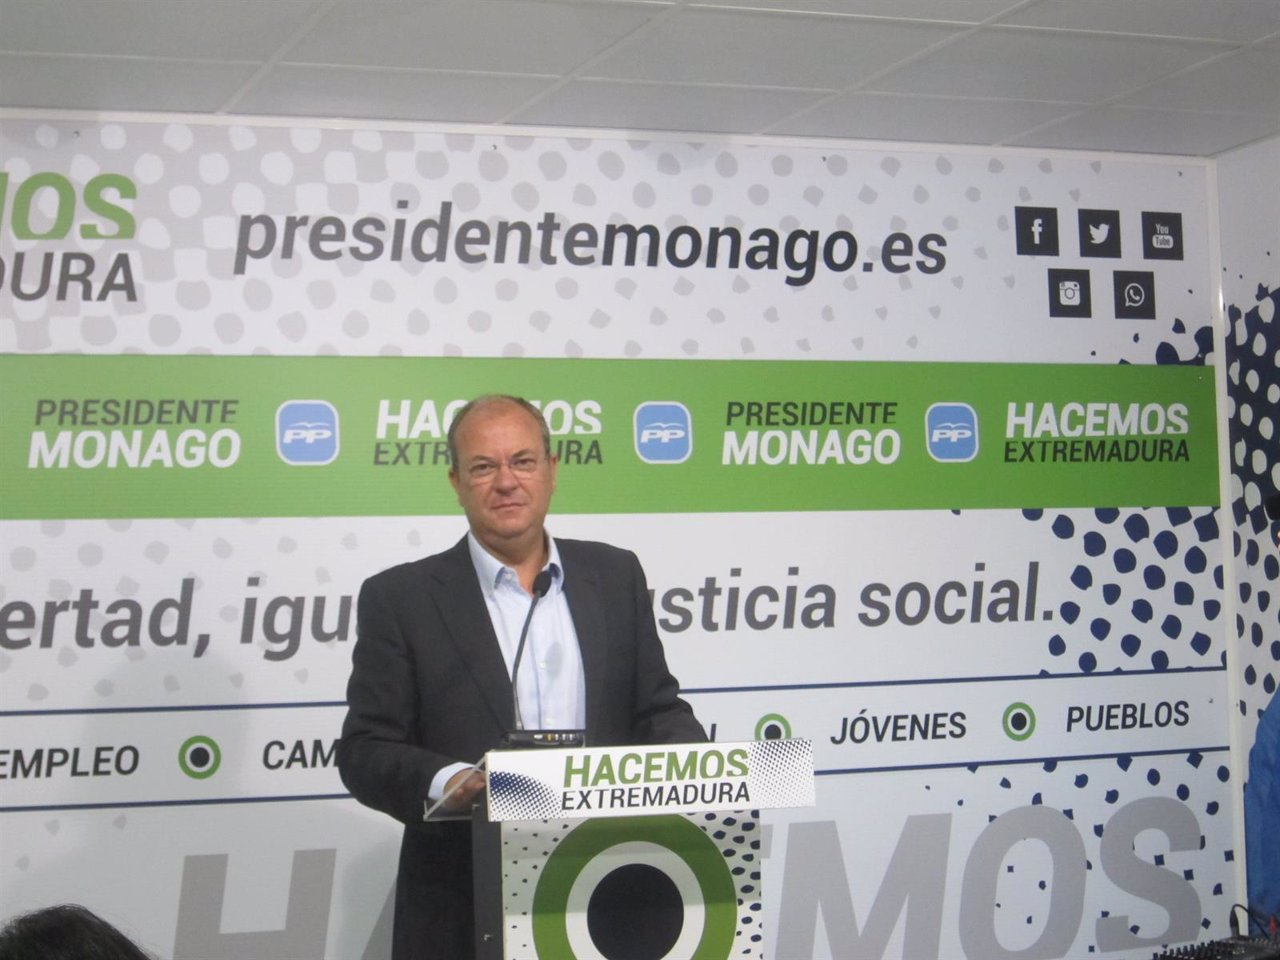 Monago